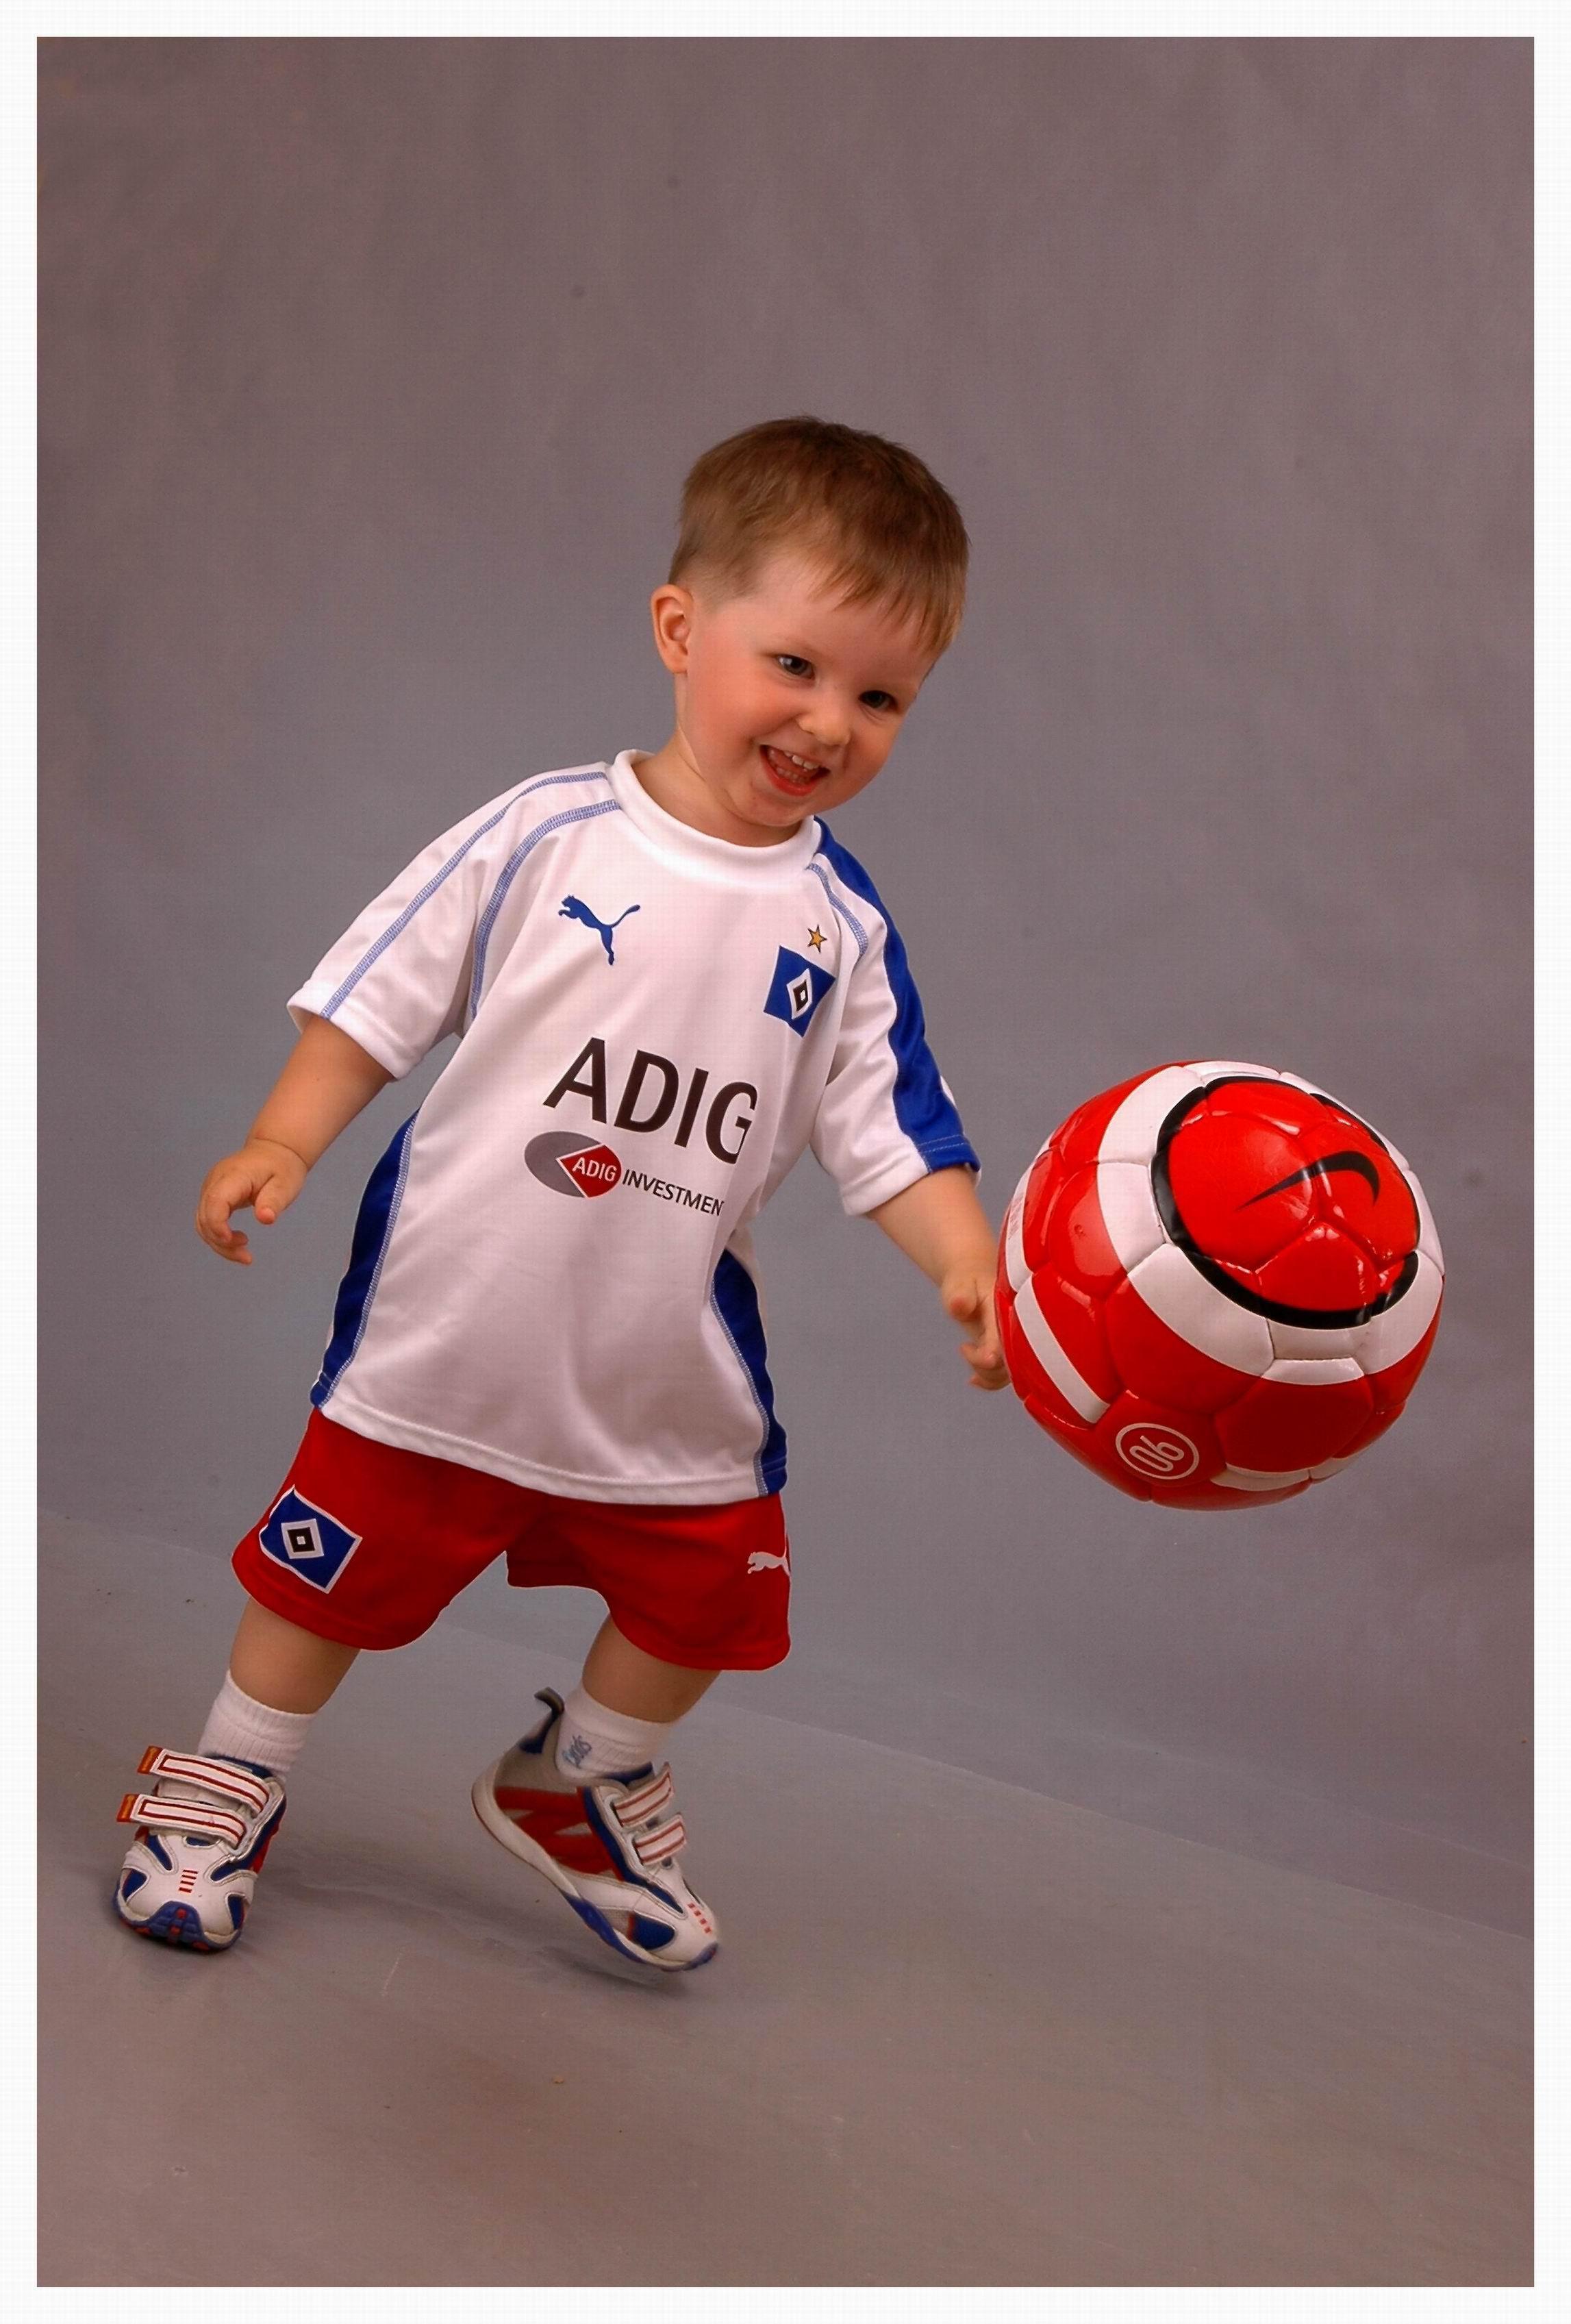 Звезда футбола. Что наша жизнь? Игра!